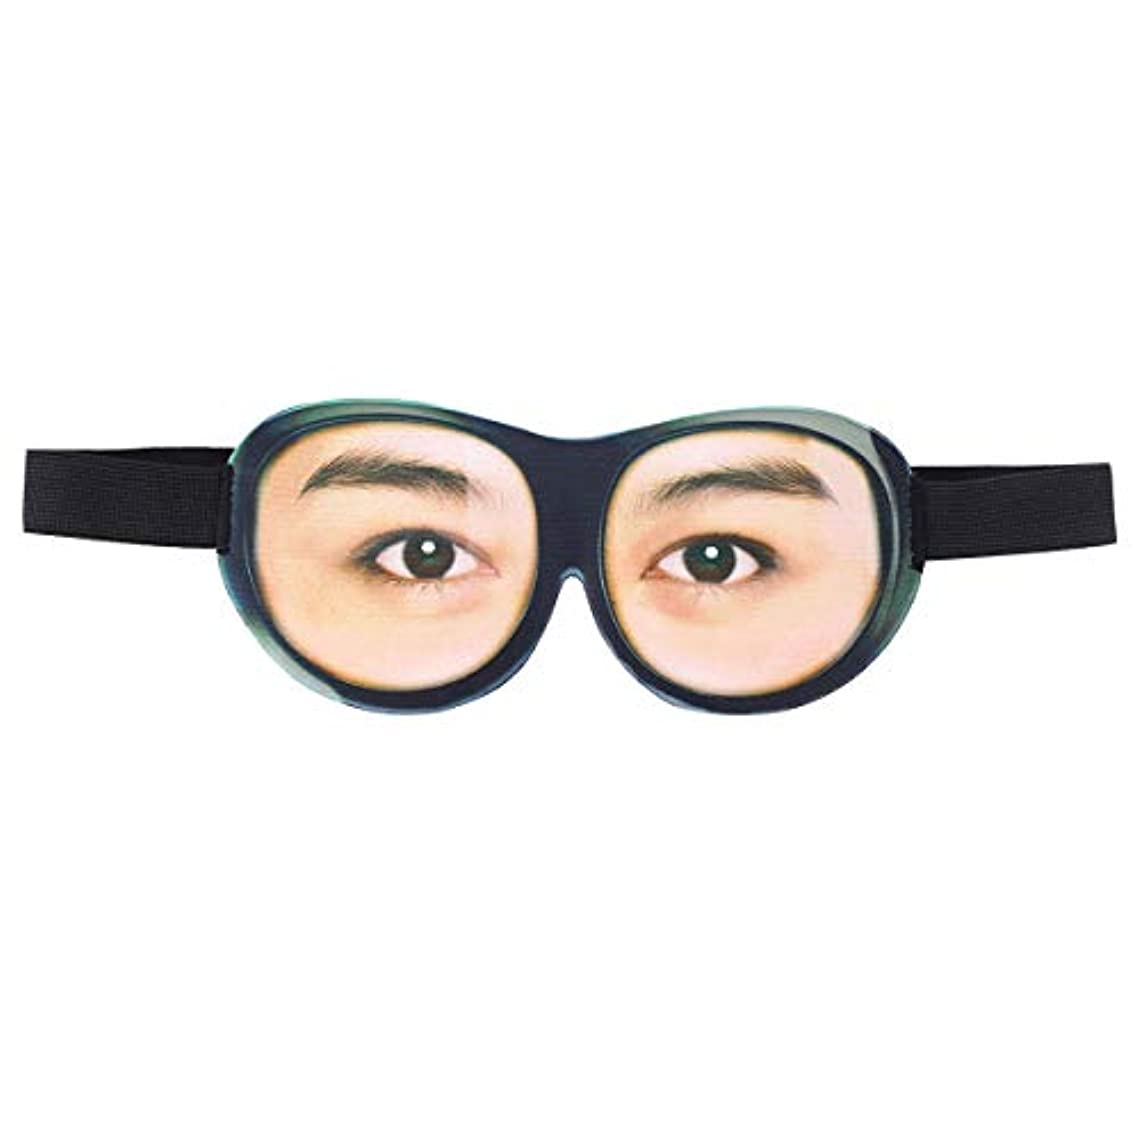 ロッド混合感嘆SUPVOX 面白いアイシェード3Dスリープマスクブラインドパッチアイマスク目隠し